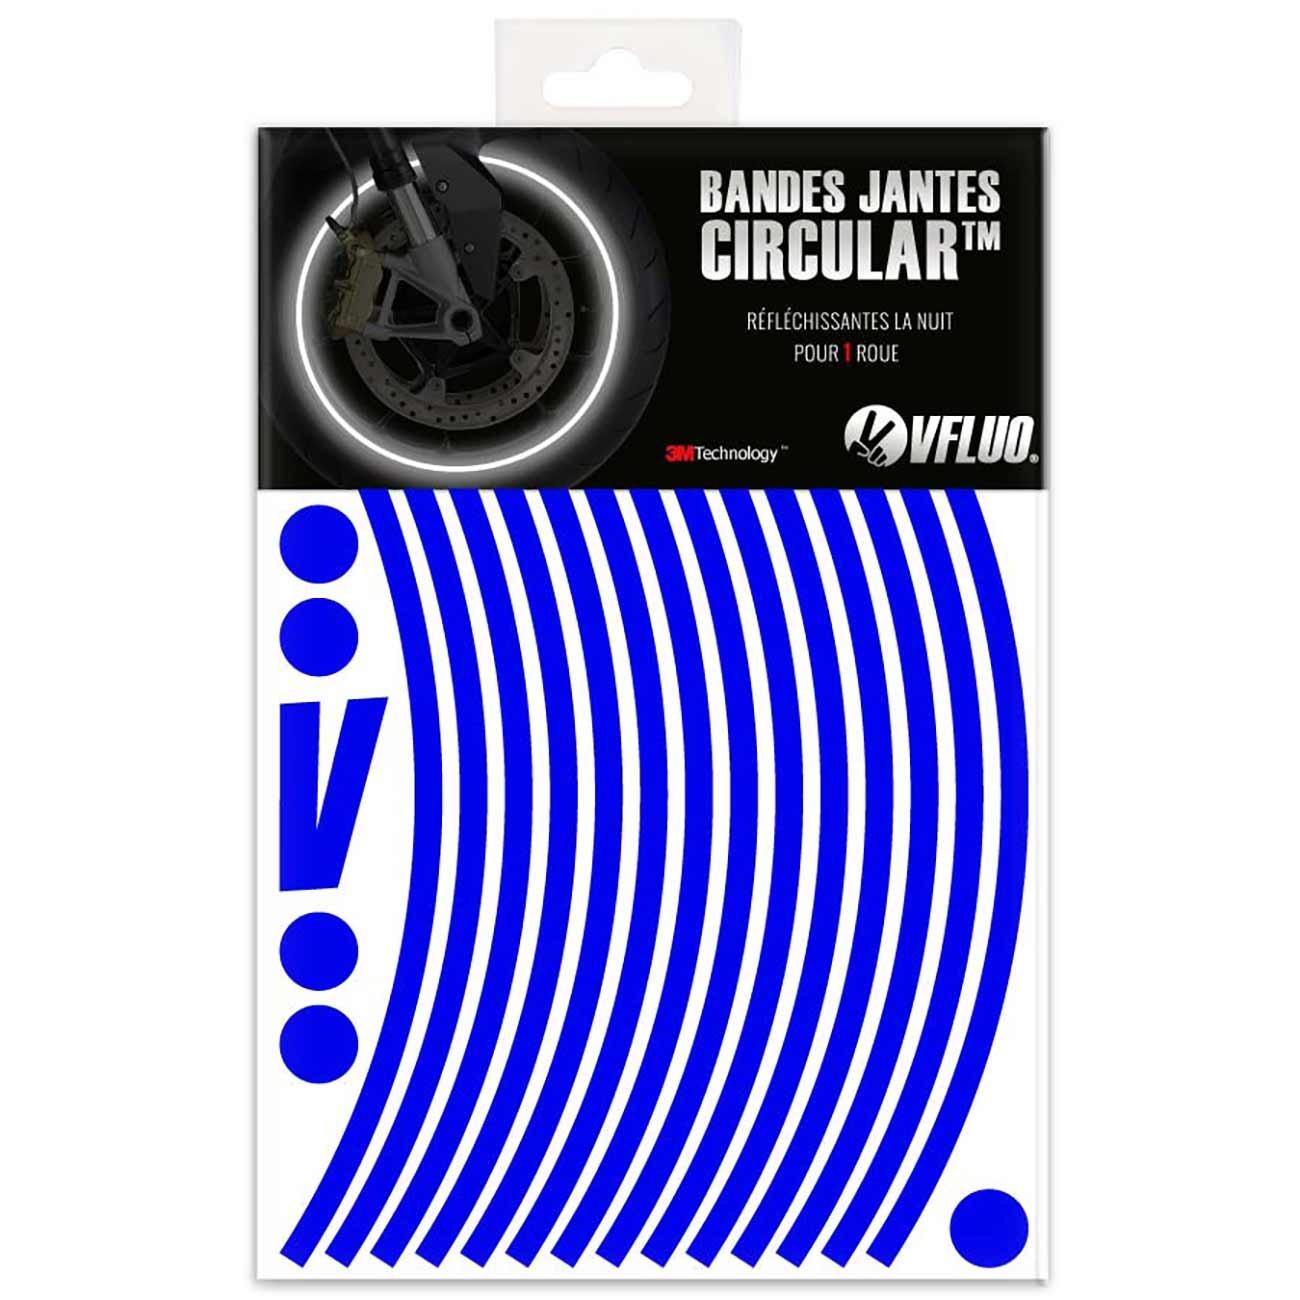 VFLUO Circular™ , Kit Bandes Jantes Moto ré tro ré flé chissantes (1 Roue), 3M Technology™ , Liseret Largeur XL : 10 mm, Or Kit Bandes Jantes Moto rétro réfléchissantes (1 Roue) 3M TechnologyTM